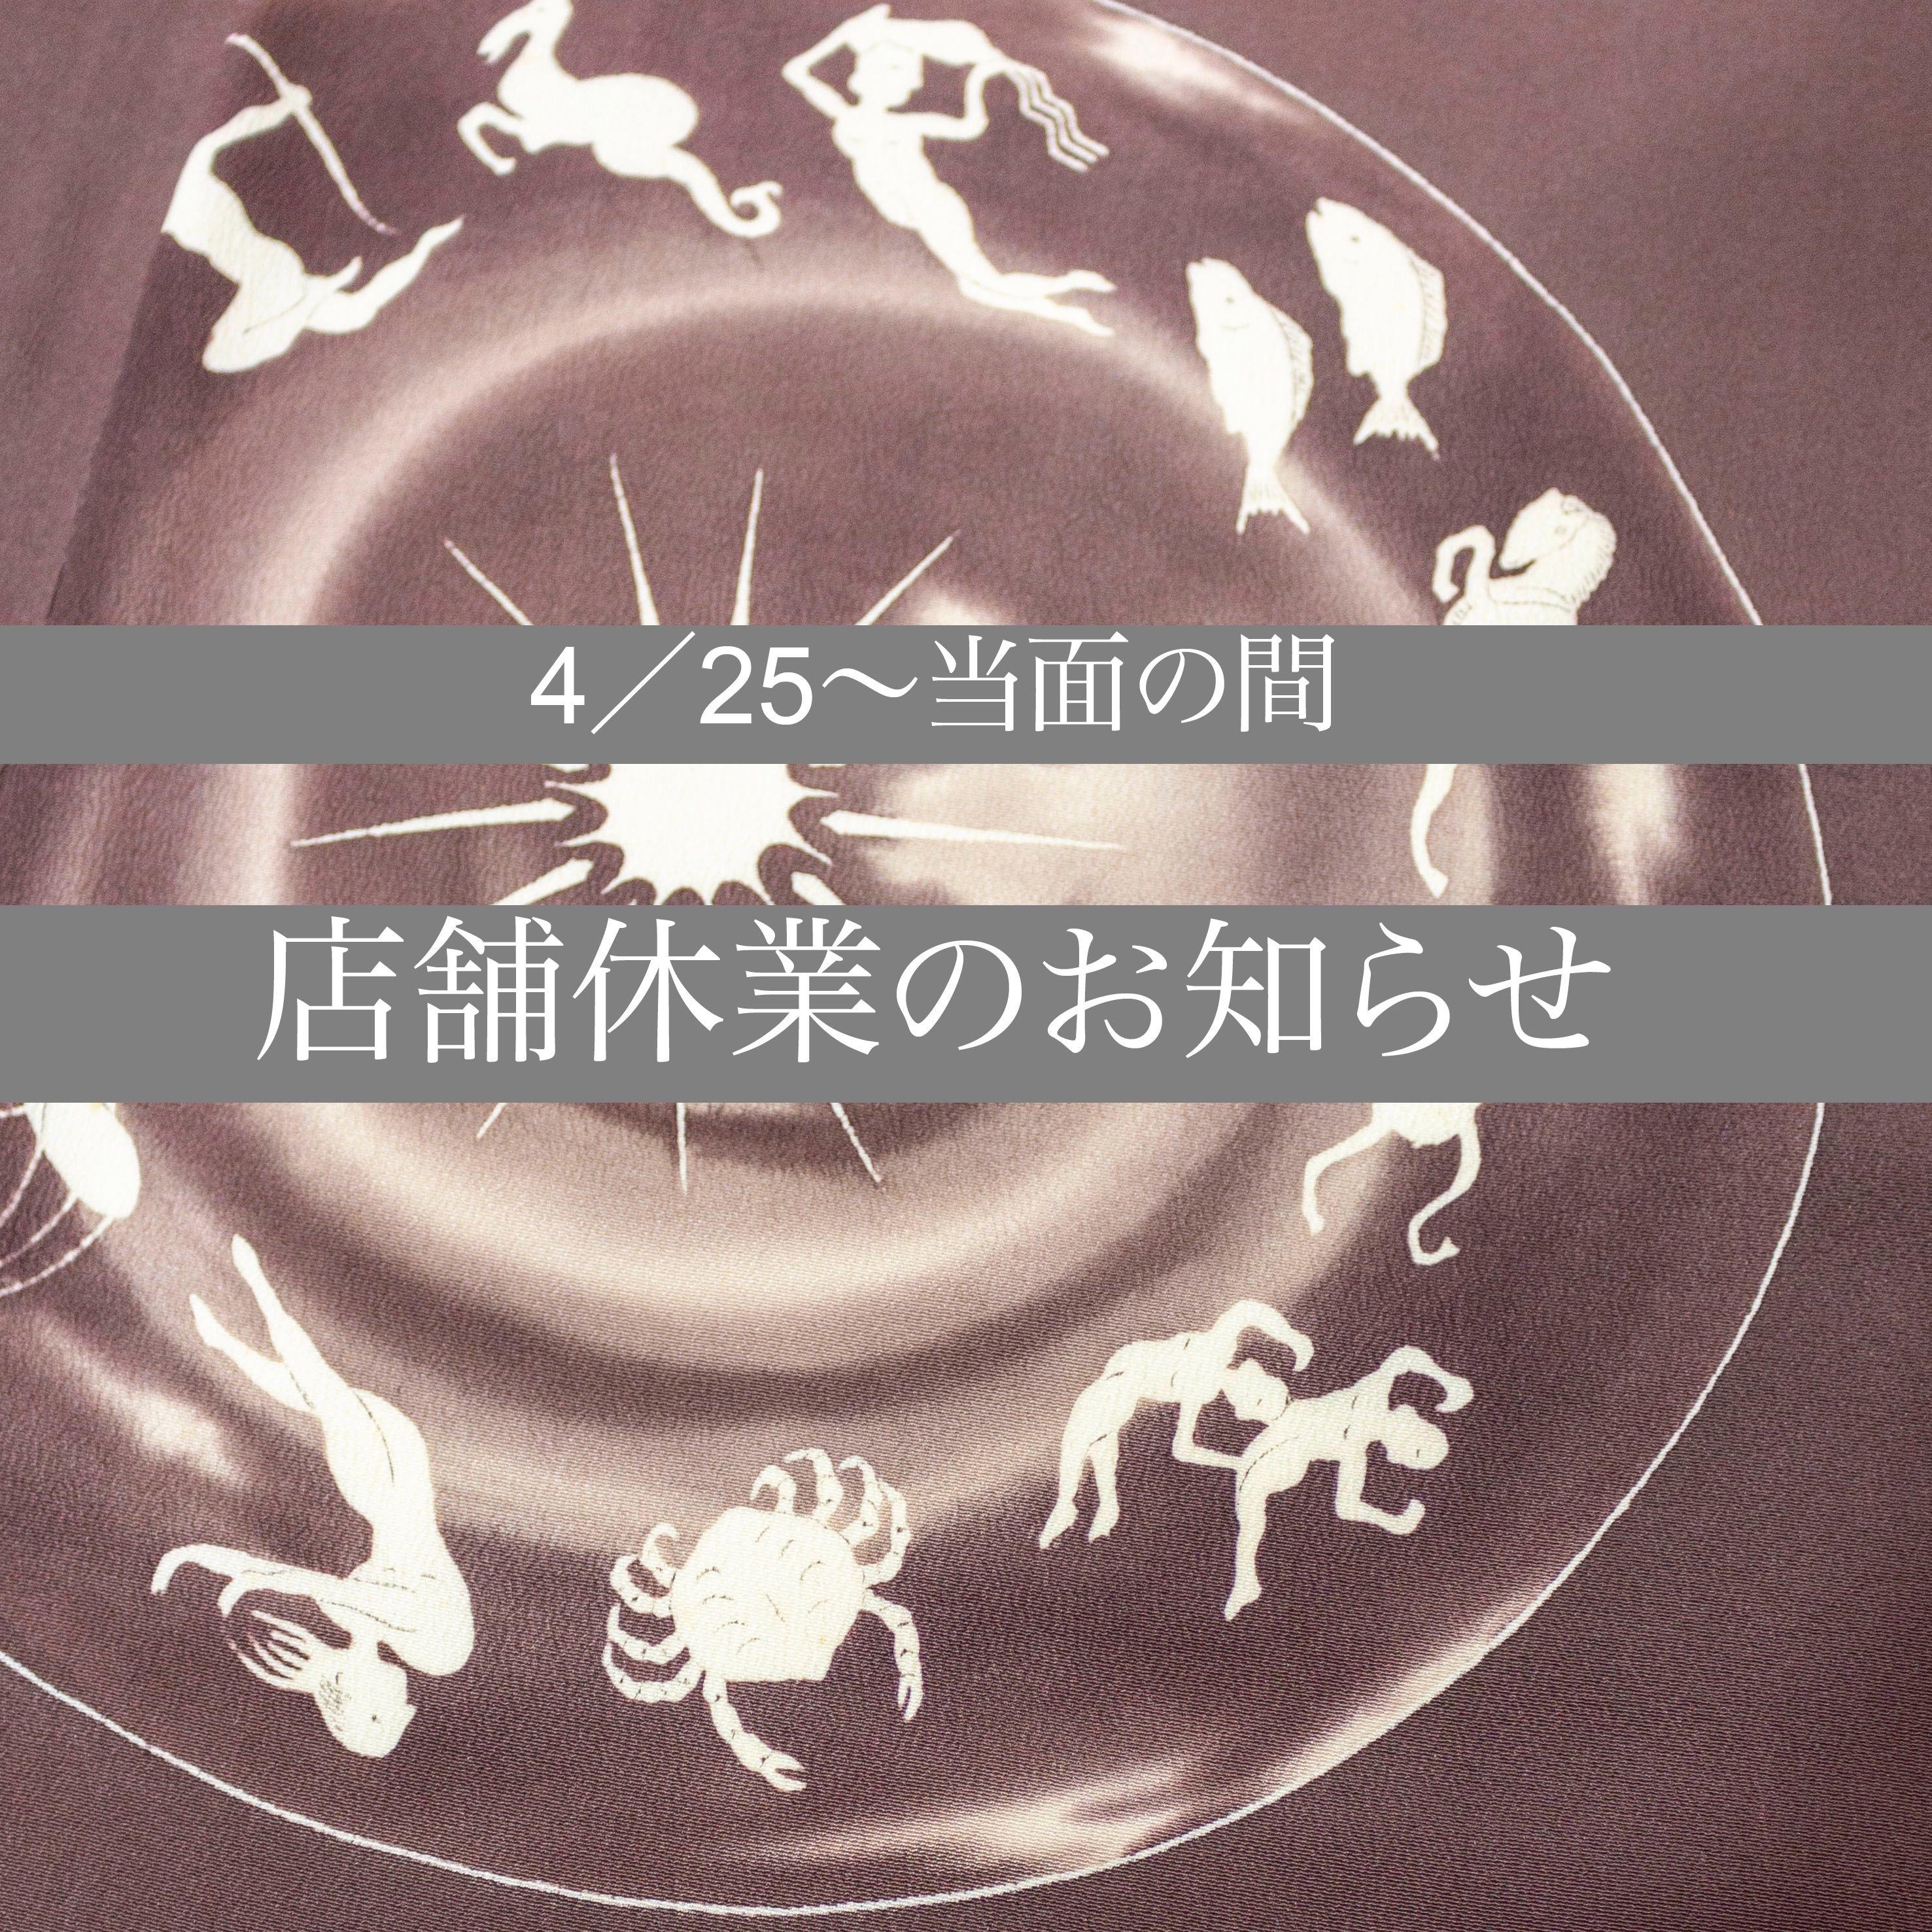 f:id:wing_kimoo:20210425192836j:image